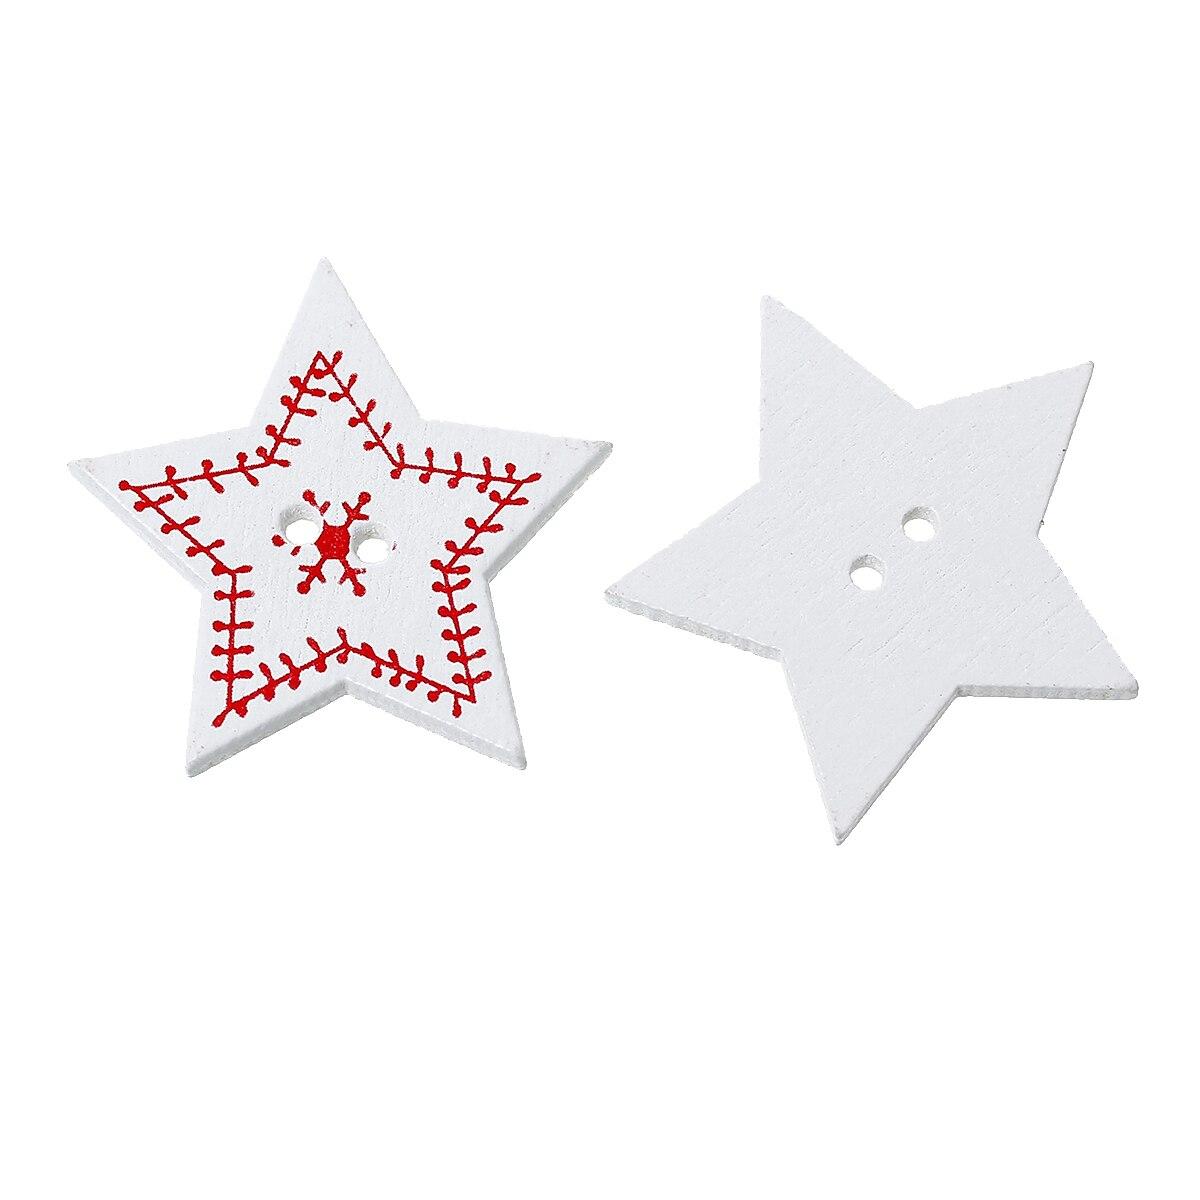 ღ Ƹ̵̡Ӝ̵̨̄Ʒ ღDoreenbeads madera Costura scrapbooking botón estrella ...